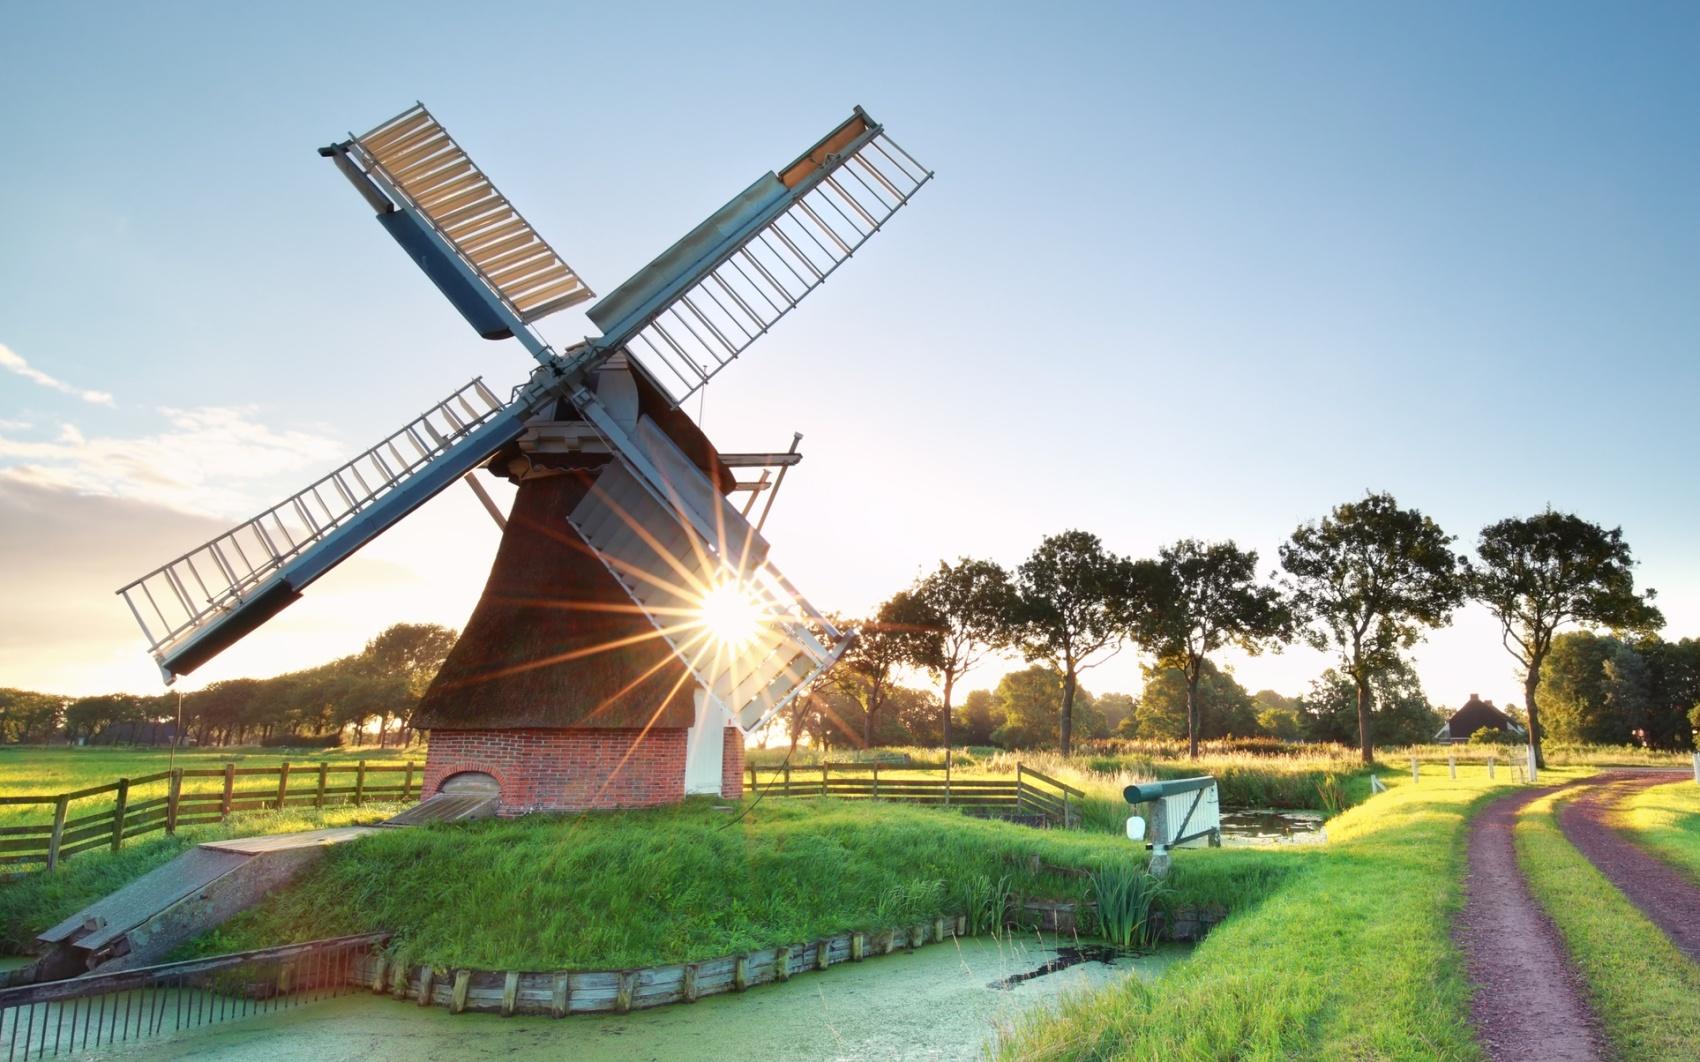 Nostalgie Windmühle Windmühlen